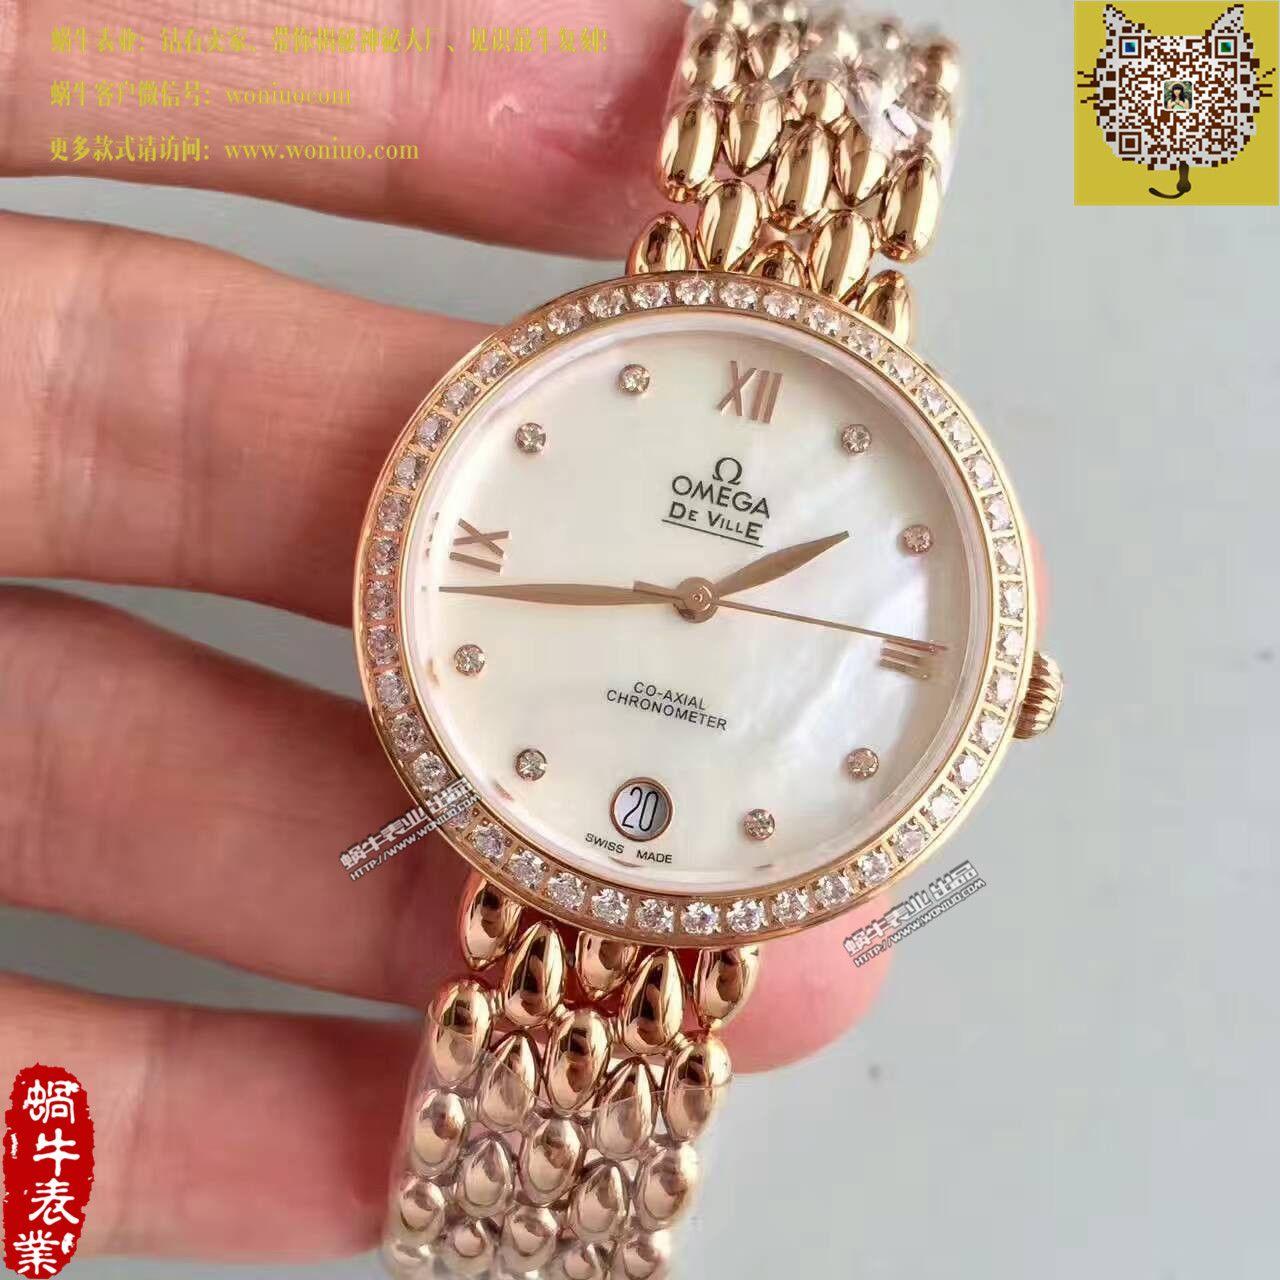 【一比一顶级复刻手表】欧米茄碟飞系列424.55.33.20.55.007女士石英腕表 / M285